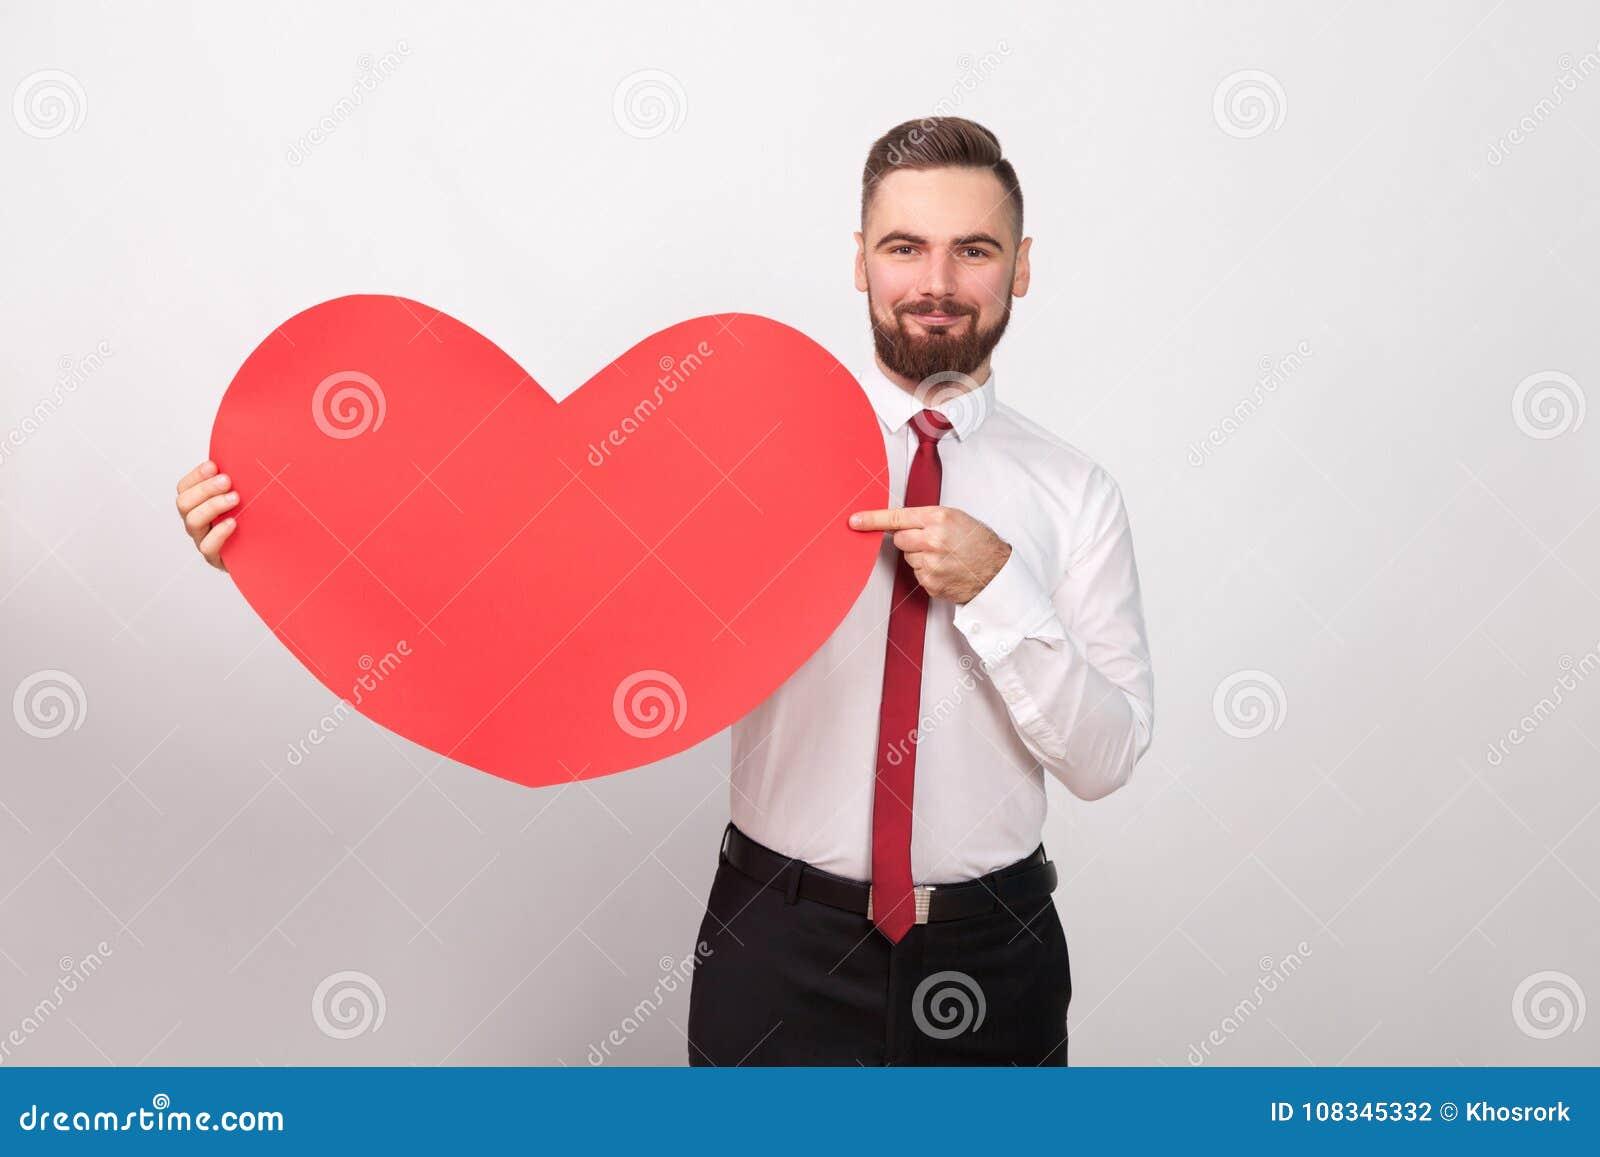 Совершенный бизнесмен усмехаясь, указывающ палец на большое красное сердце